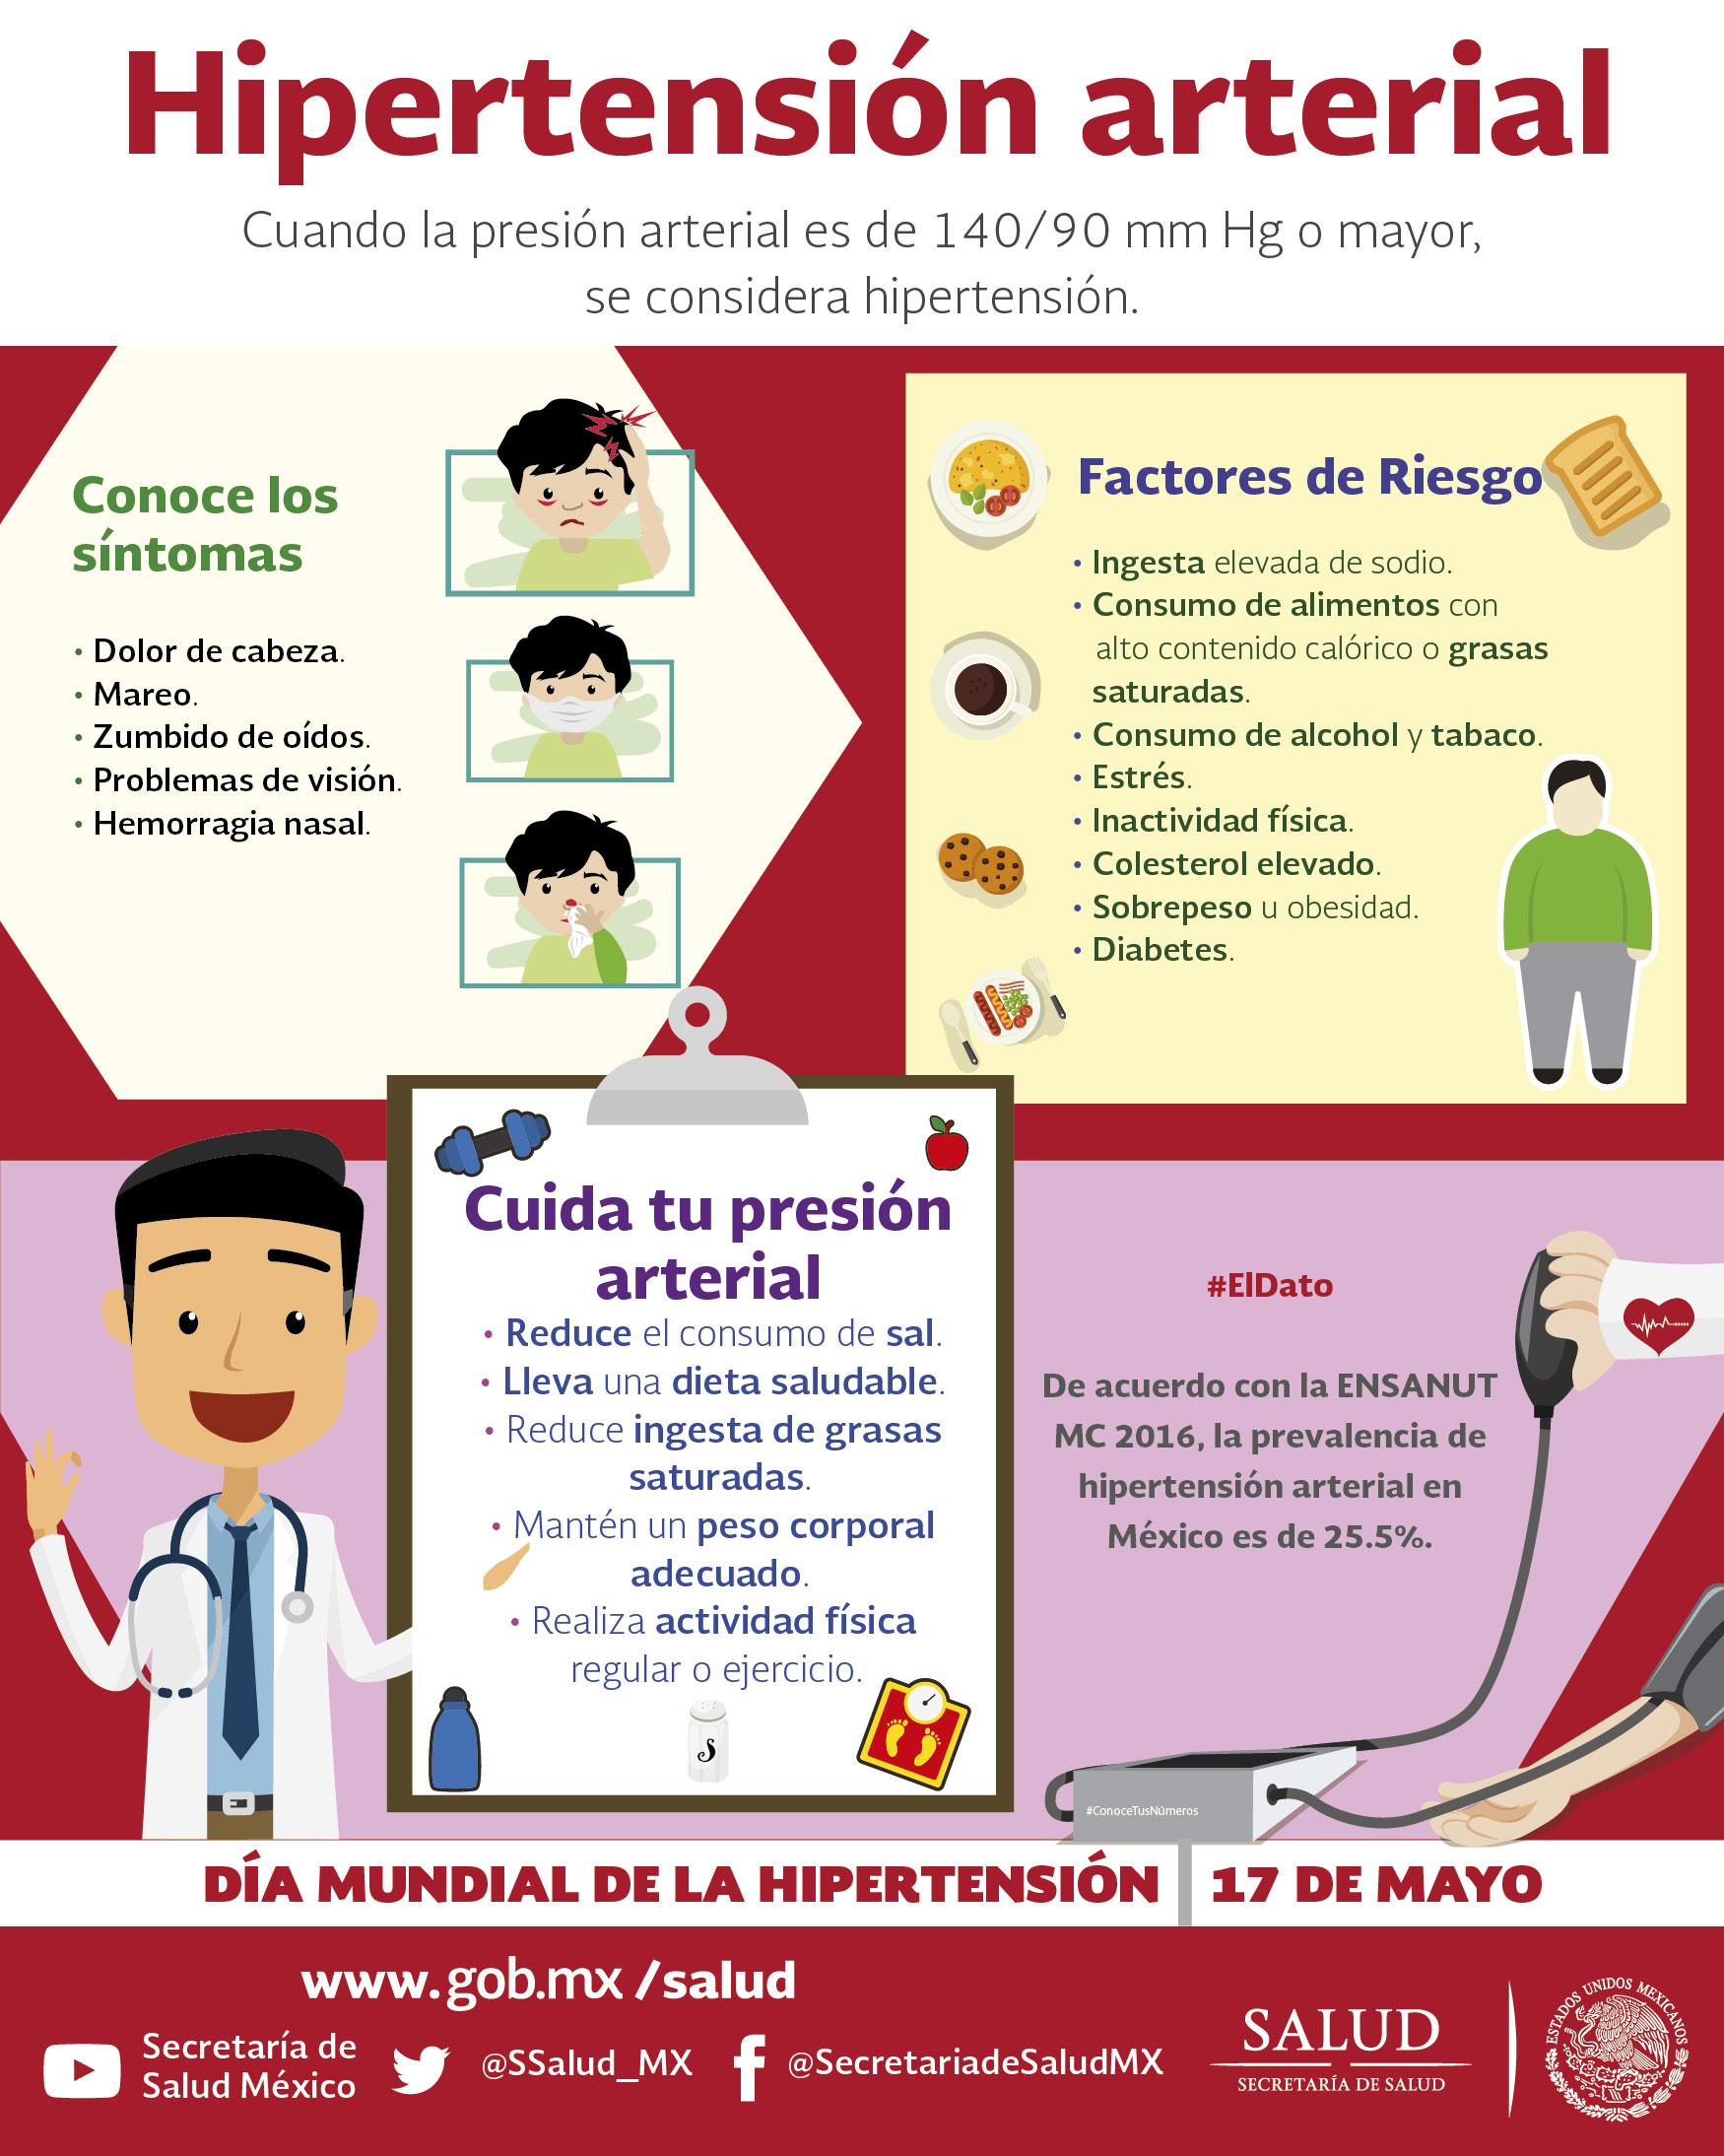 Epidemiologia mexico hipertension arterial en